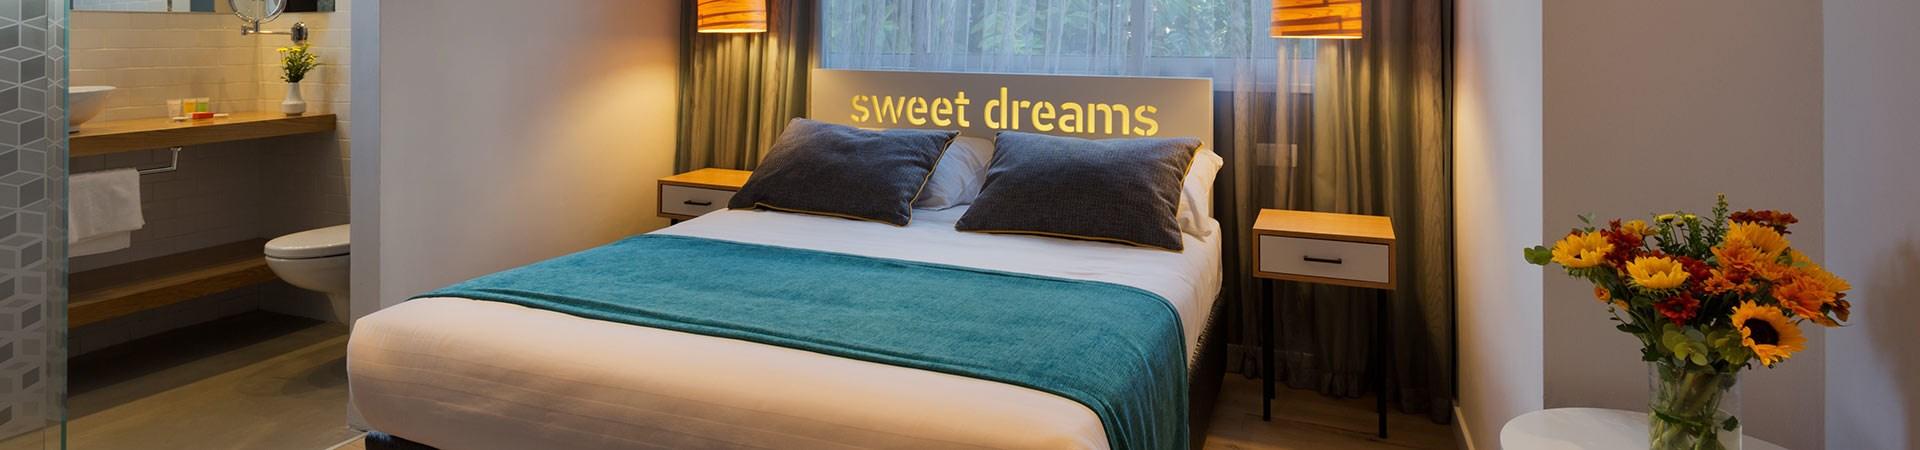 חדר דלקס במלון סיטי